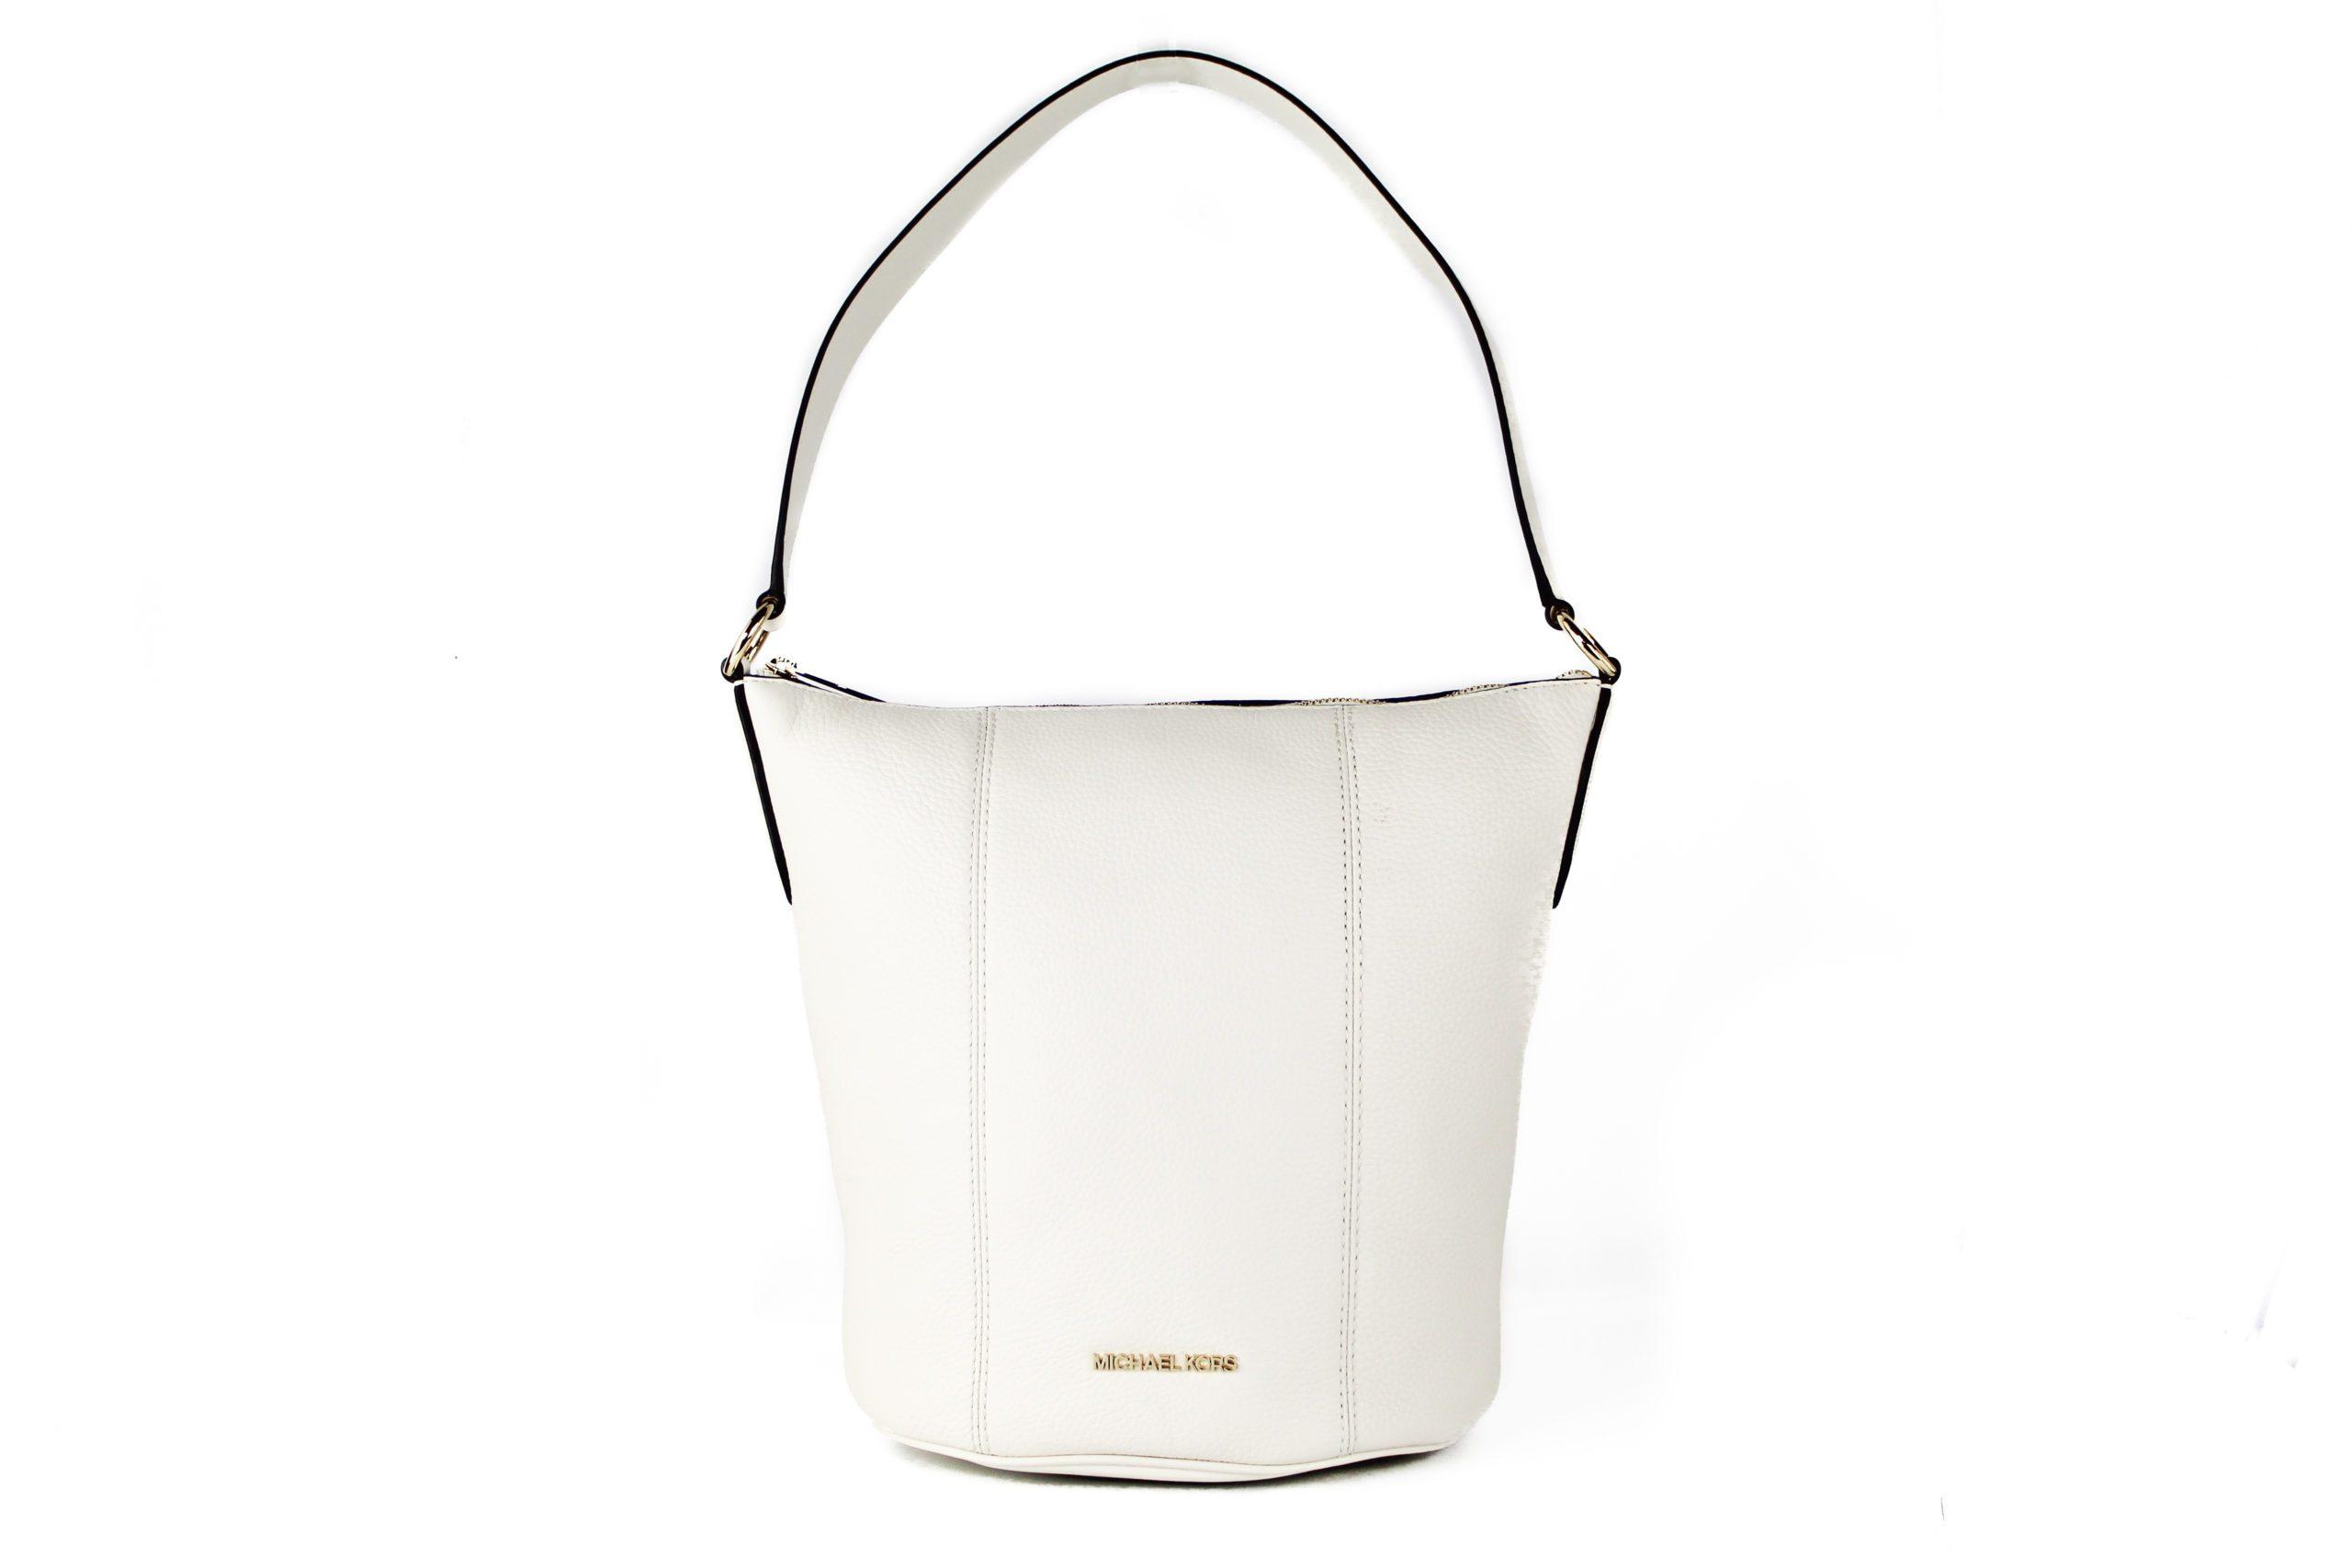 Michael Kors Women's Brooke Bucket Handbag Beige 22405